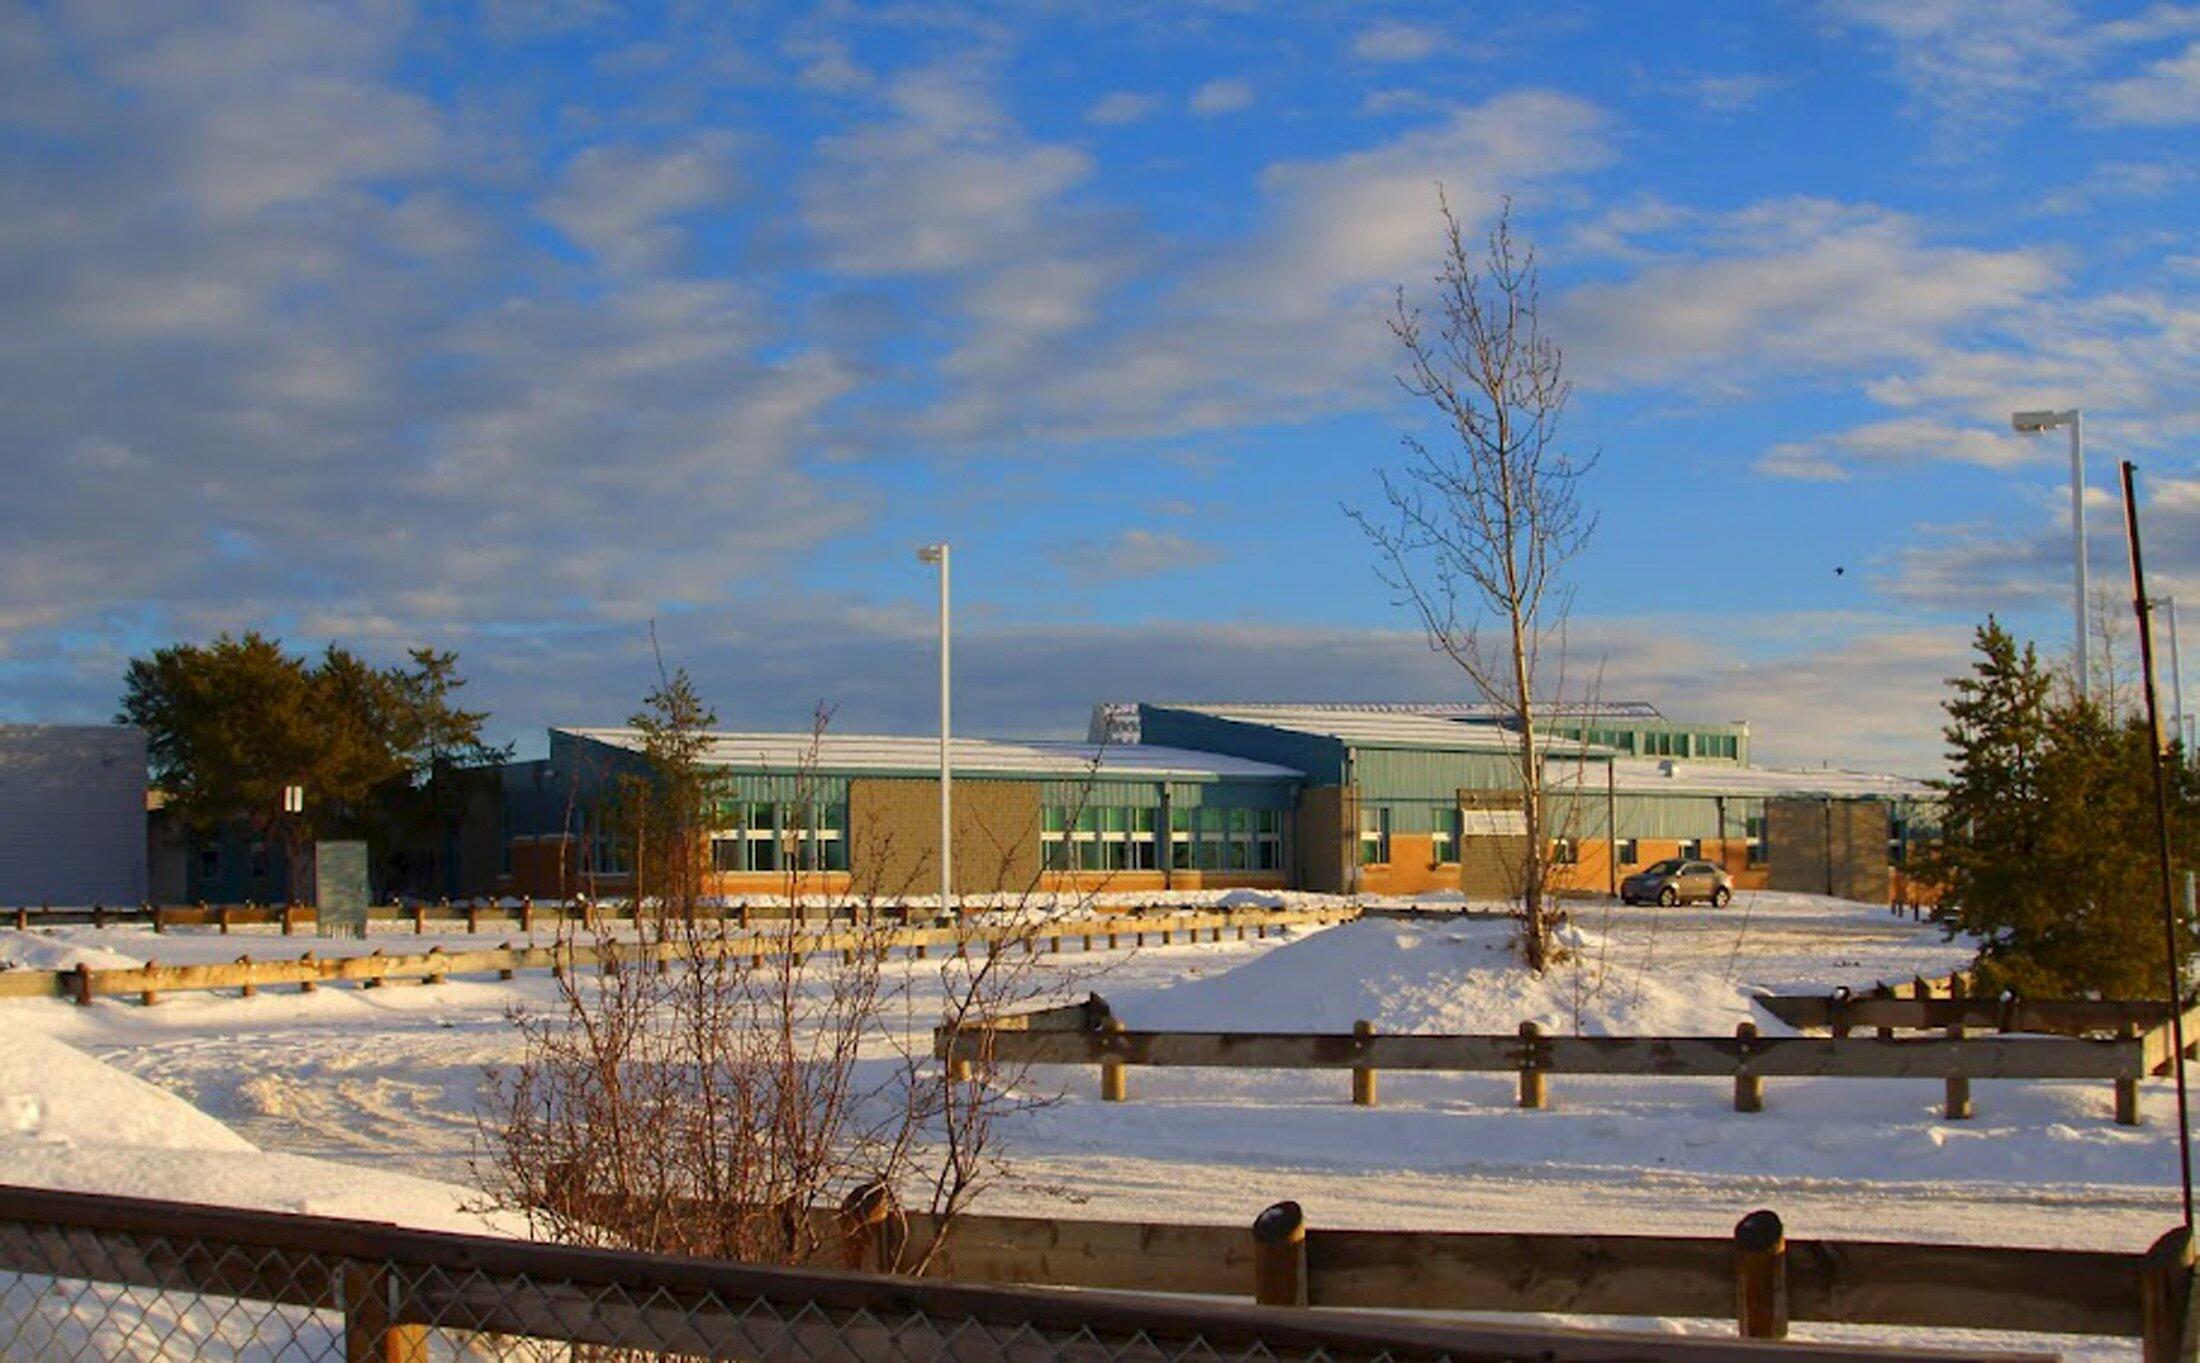 A escola em La Loche, comunidade situada na província de Saskatchewan, no centro do país